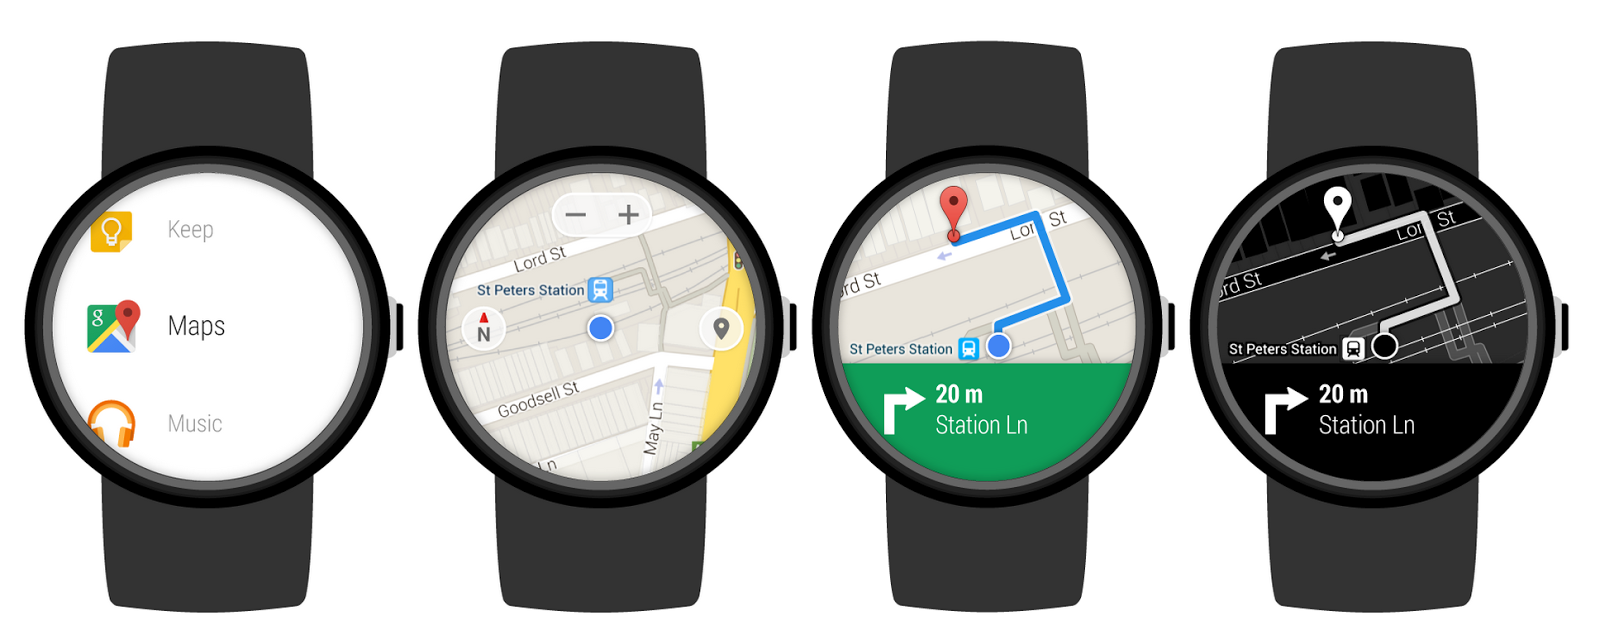 Scarica Android Wear: l'app per il tuo Smartwatch 2